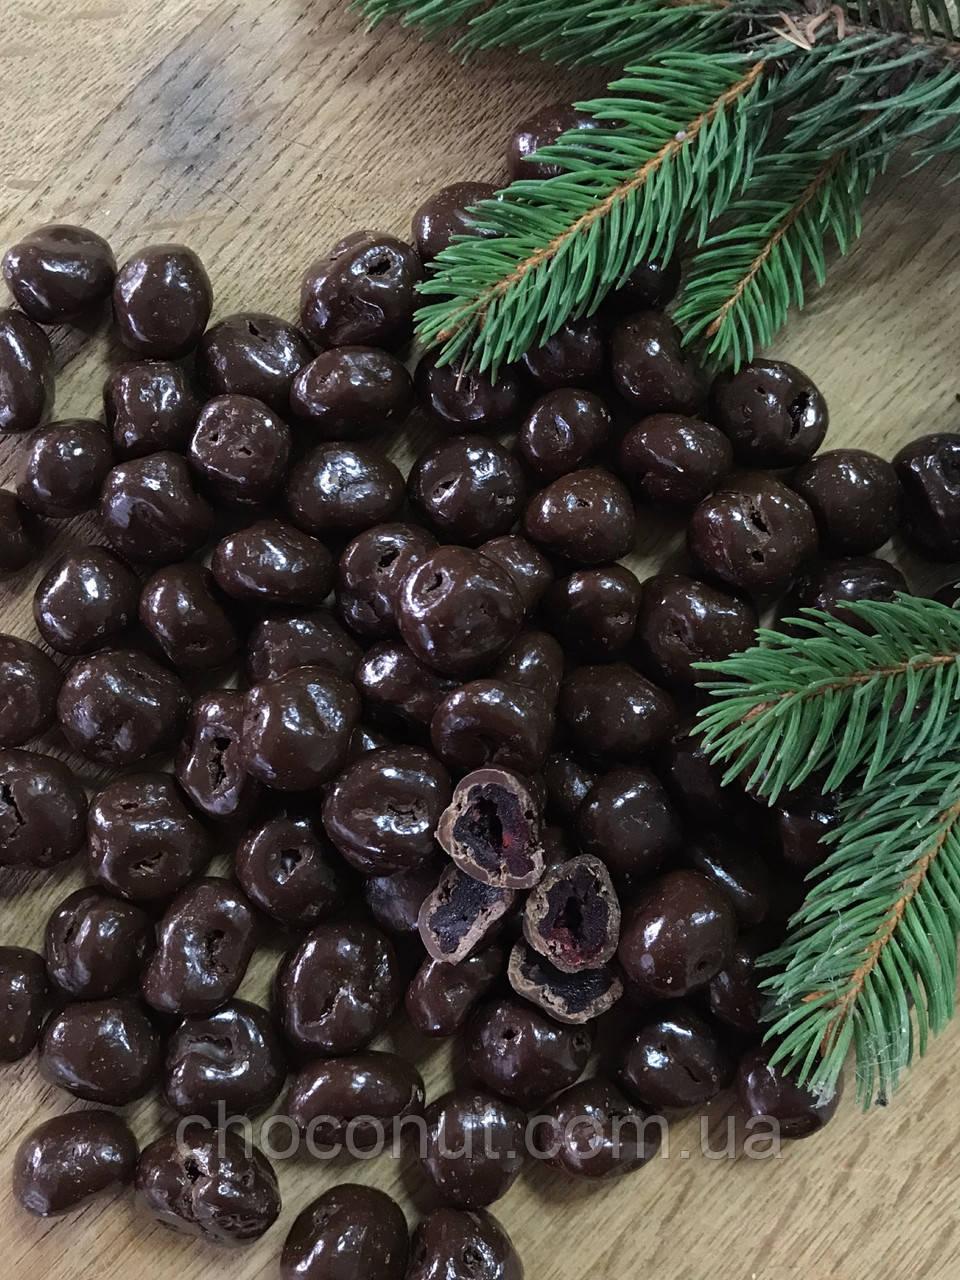 Вишня в Чорному шоколаді